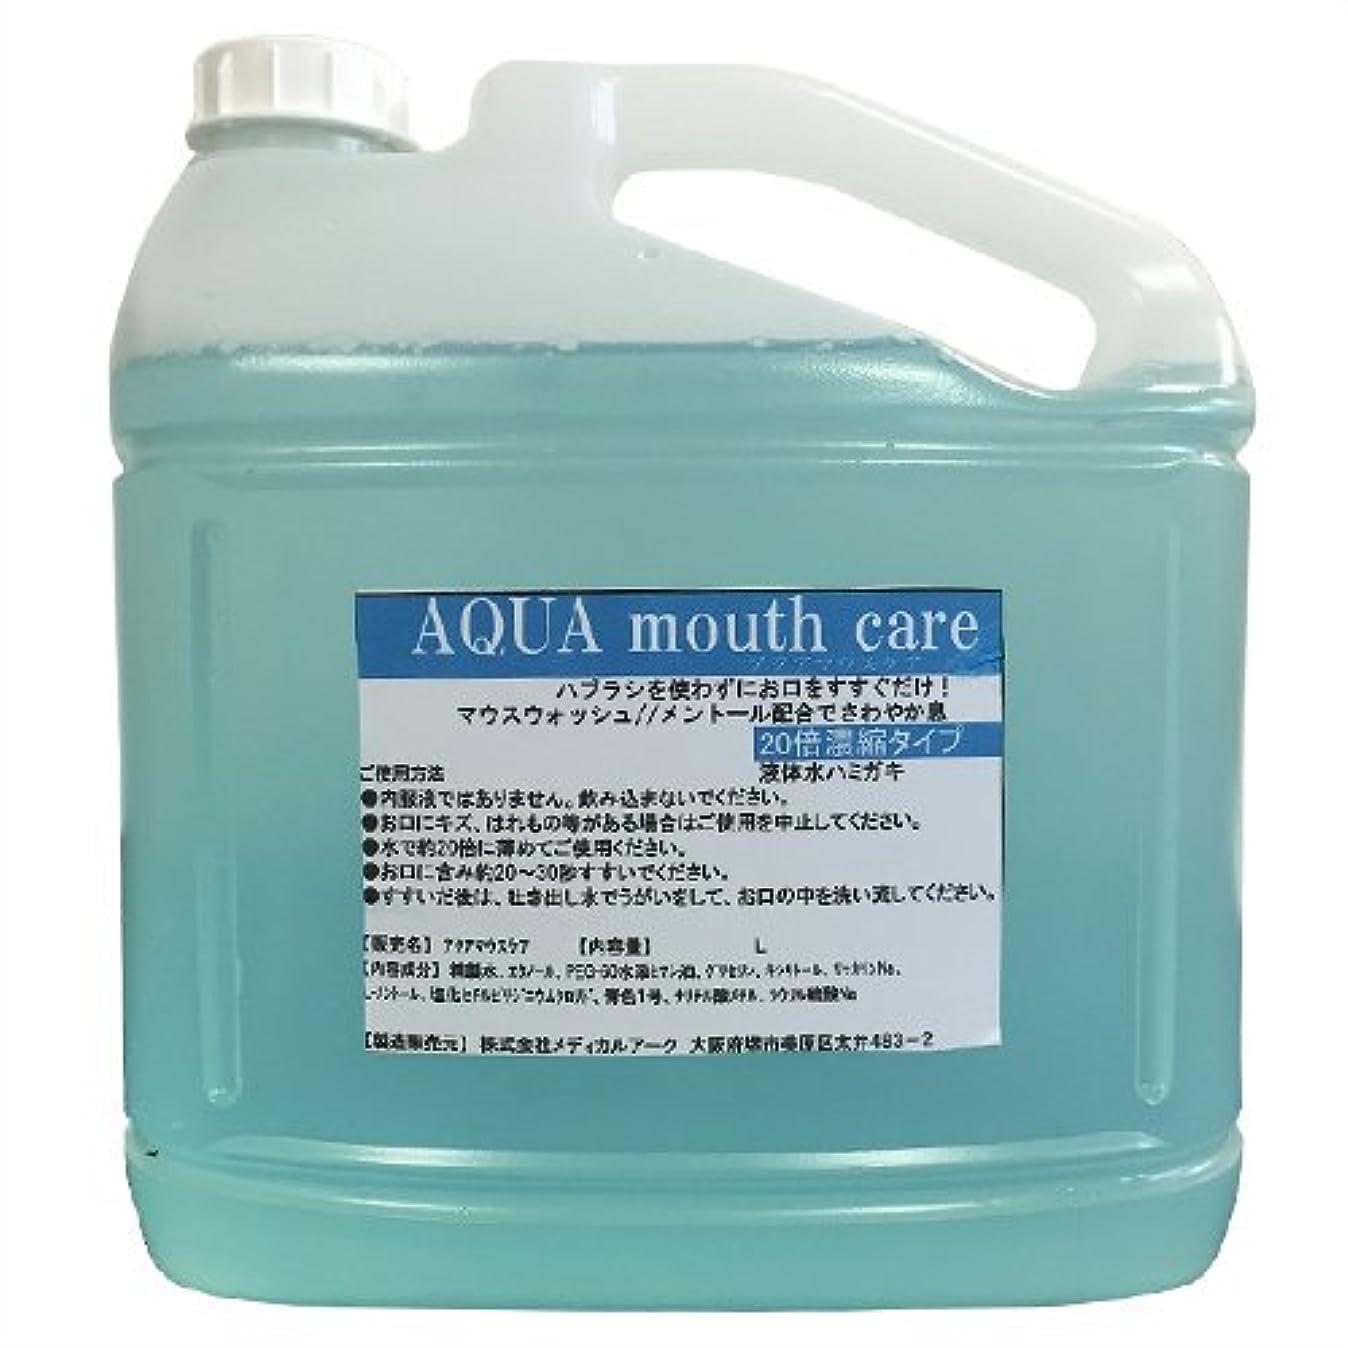 主人音彼の業務用洗口液 マウスウォッシュ アクアマウスケア (AQUA mouth care) 20倍濃縮タイプ 5L (詰め替えコック付き)